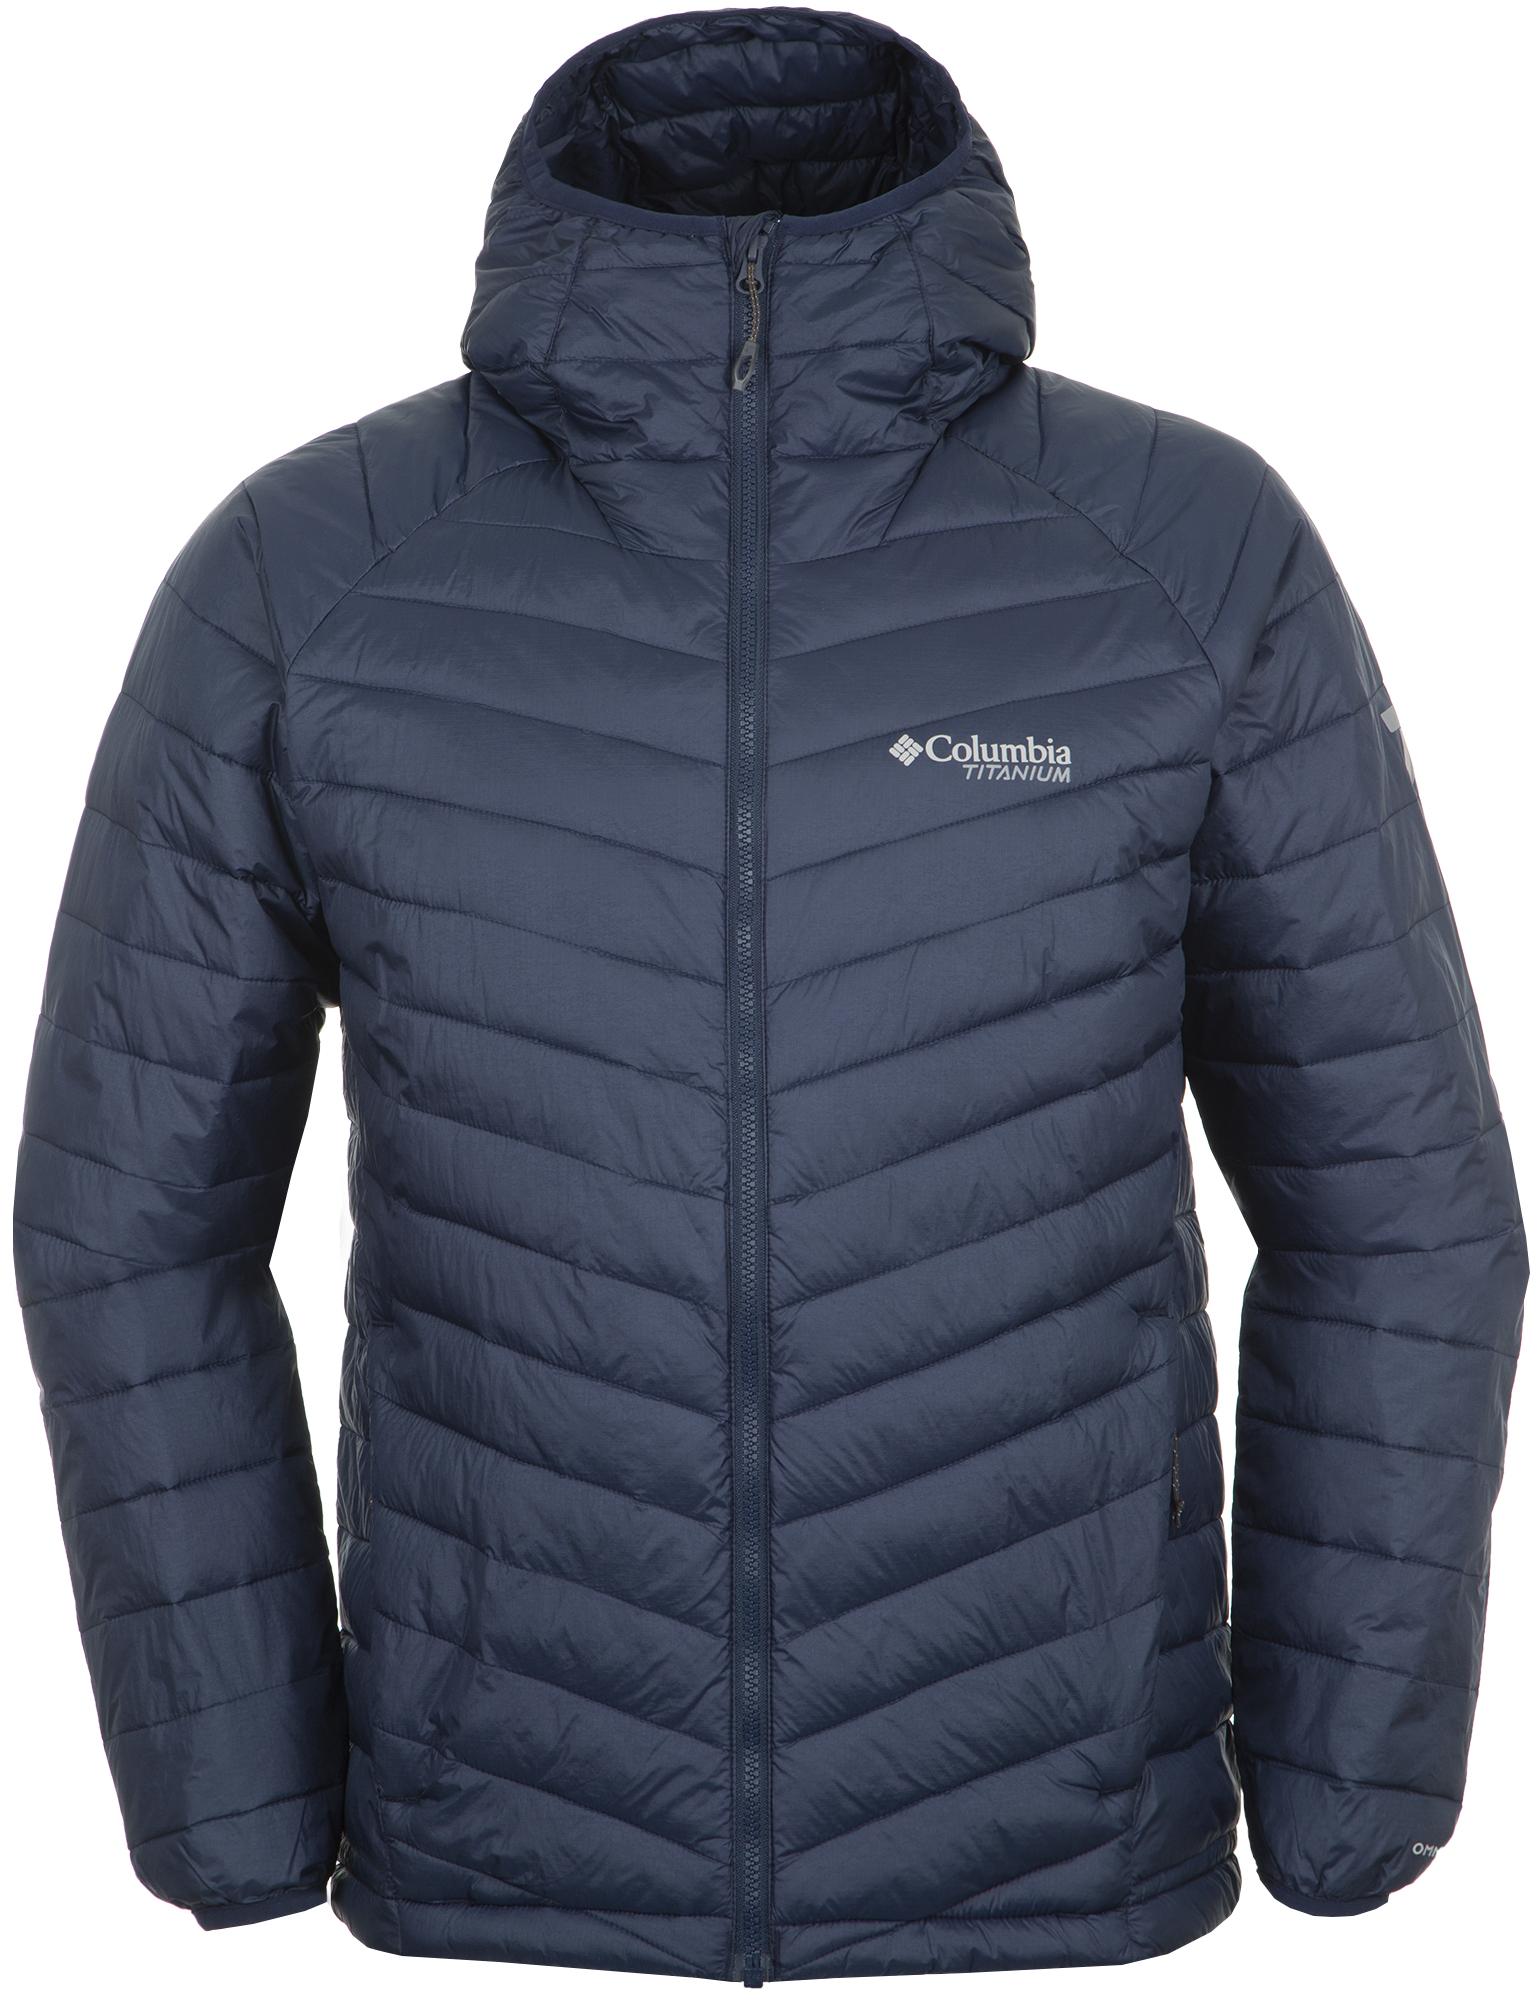 все цены на Columbia Куртка утепленная мужская Columbia Snow Country, размер 56-58